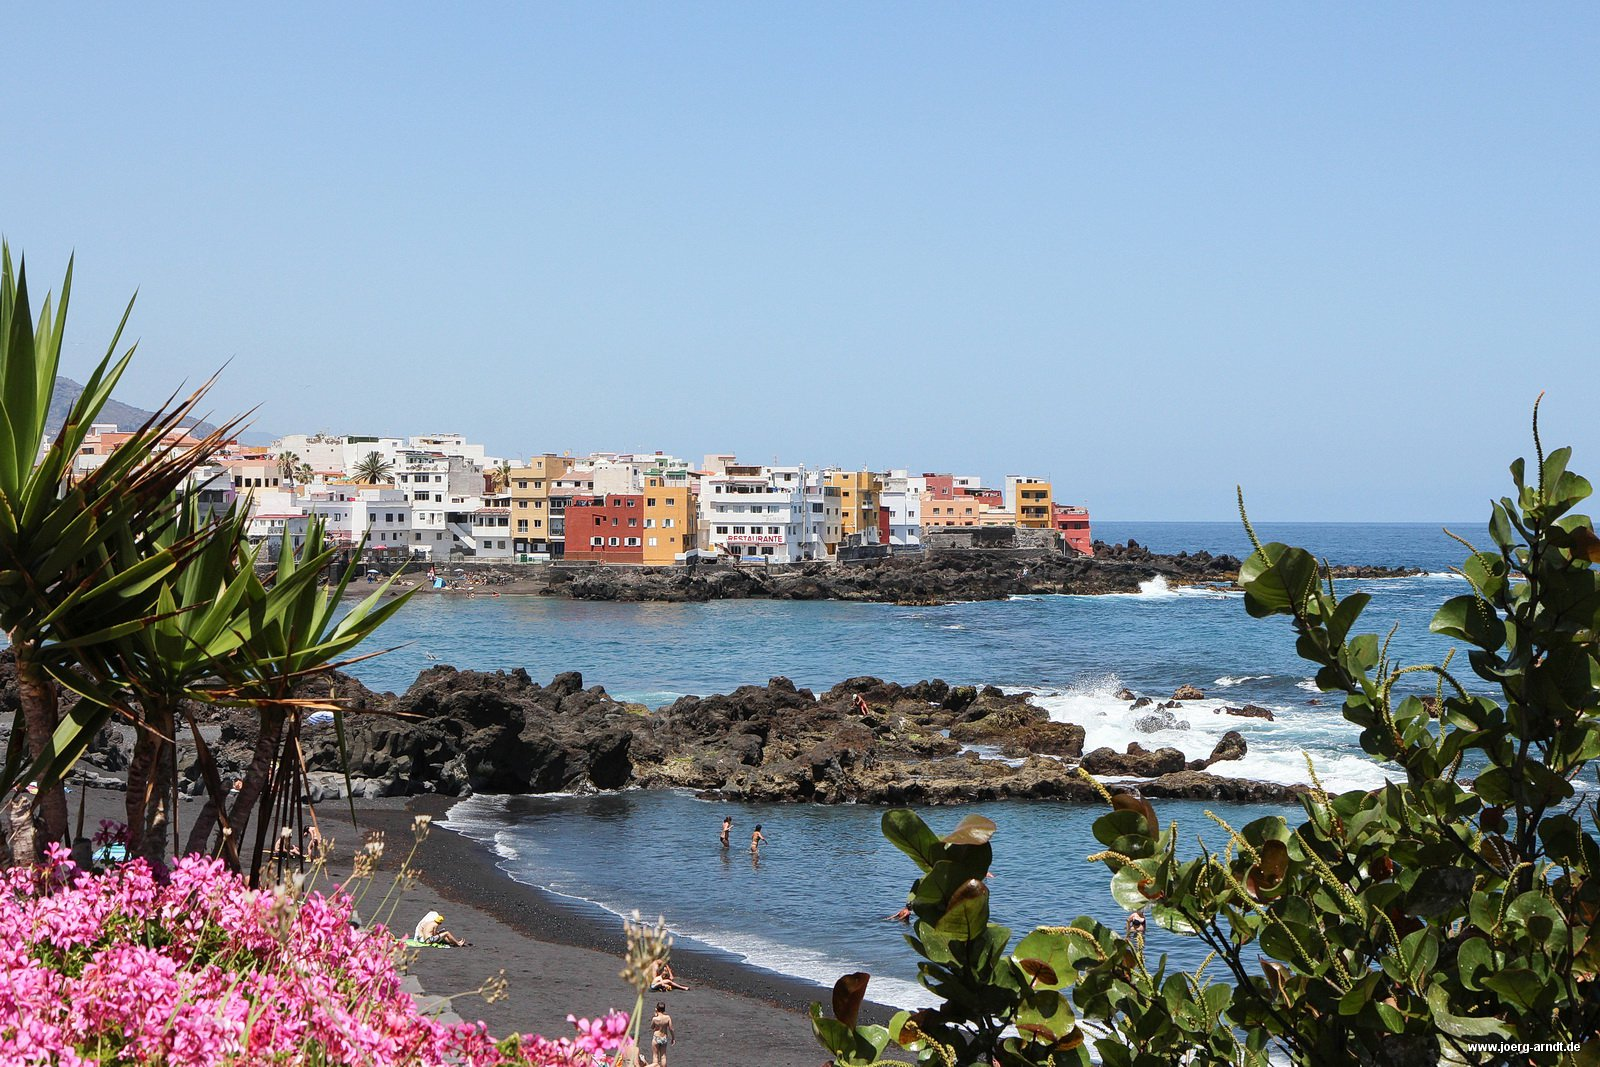 Alles rund um playa jardin den strand von puerto de la cruz puerto de la cruz entdecken - Puerta de la cruz ...